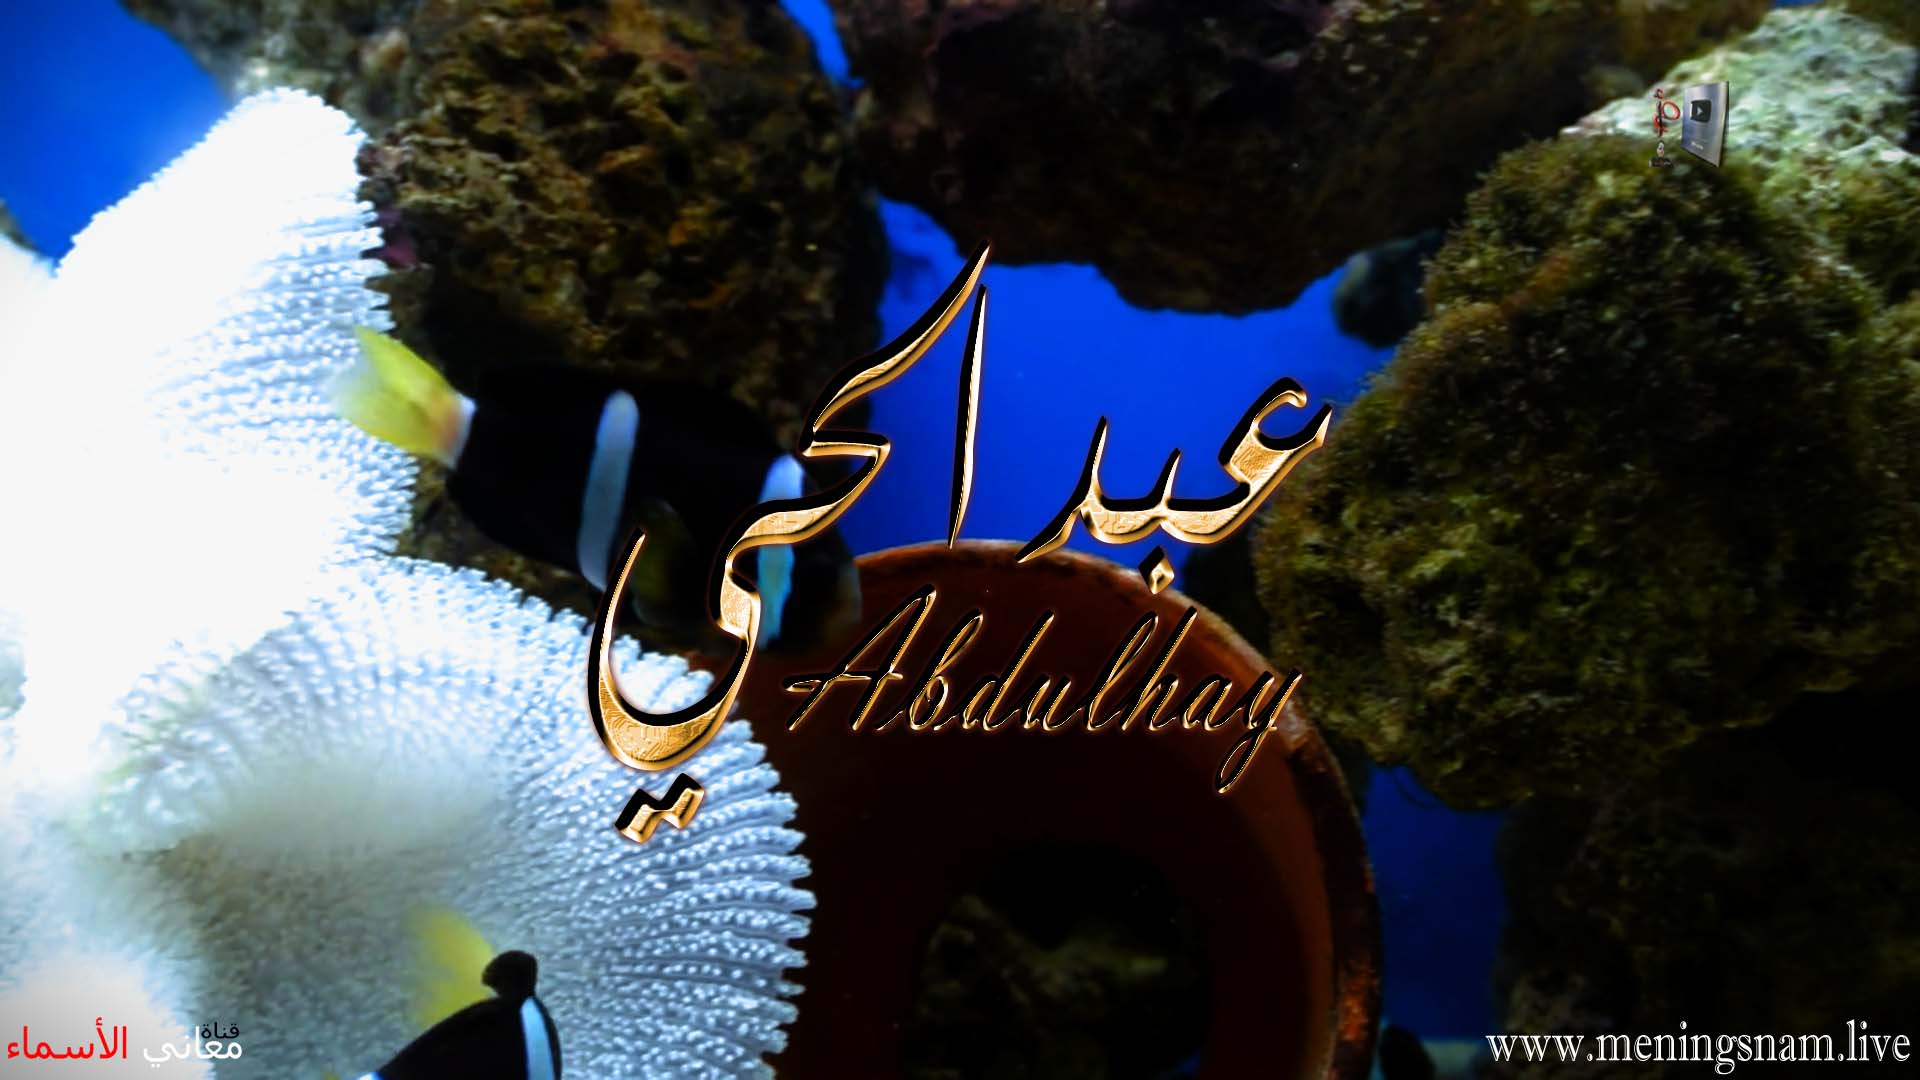 معنى اسم عبد الحي وصفات حامل هذا الاسم Abdulhay